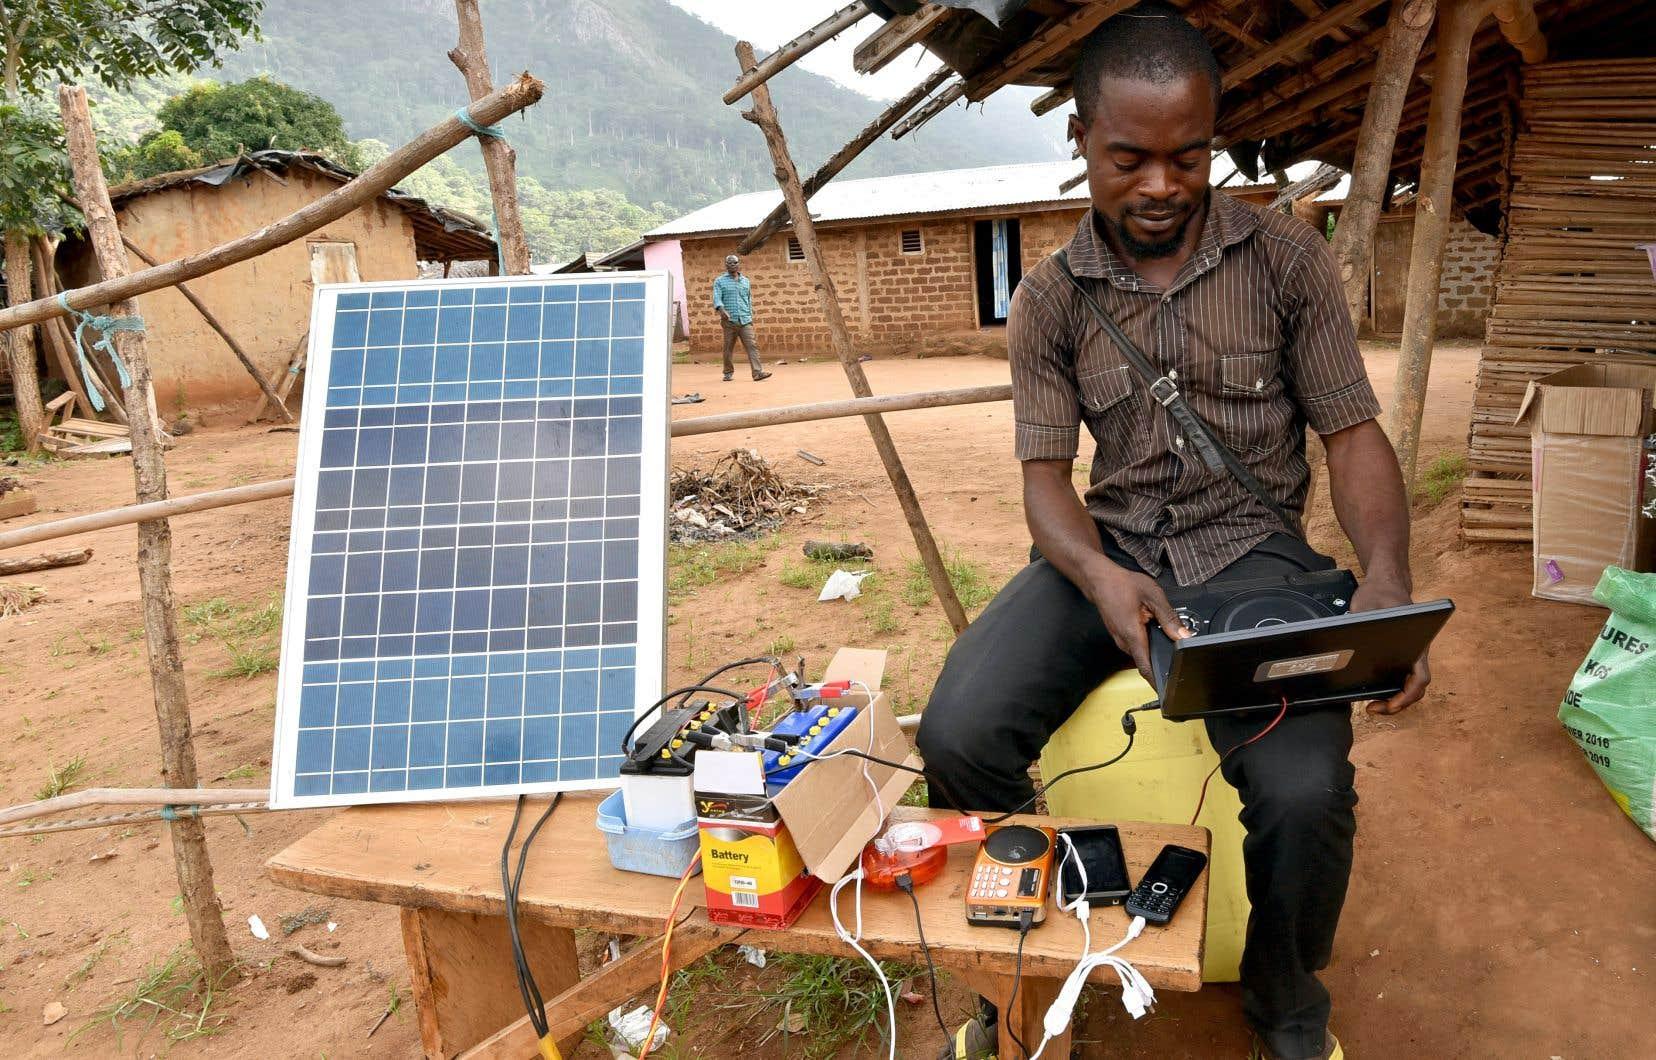 Un homme charge des appareils électriques à l'aide d'un panneau solaire à Diebly, un village sans électricité en Côte d'Ivoire. L'AIE estime qu'environ 675millions de personnes (à 90% en Afrique sub-saharienne) resteront sans accès à l'électricité en 2030, contre 1,1milliard aujourd'hui.